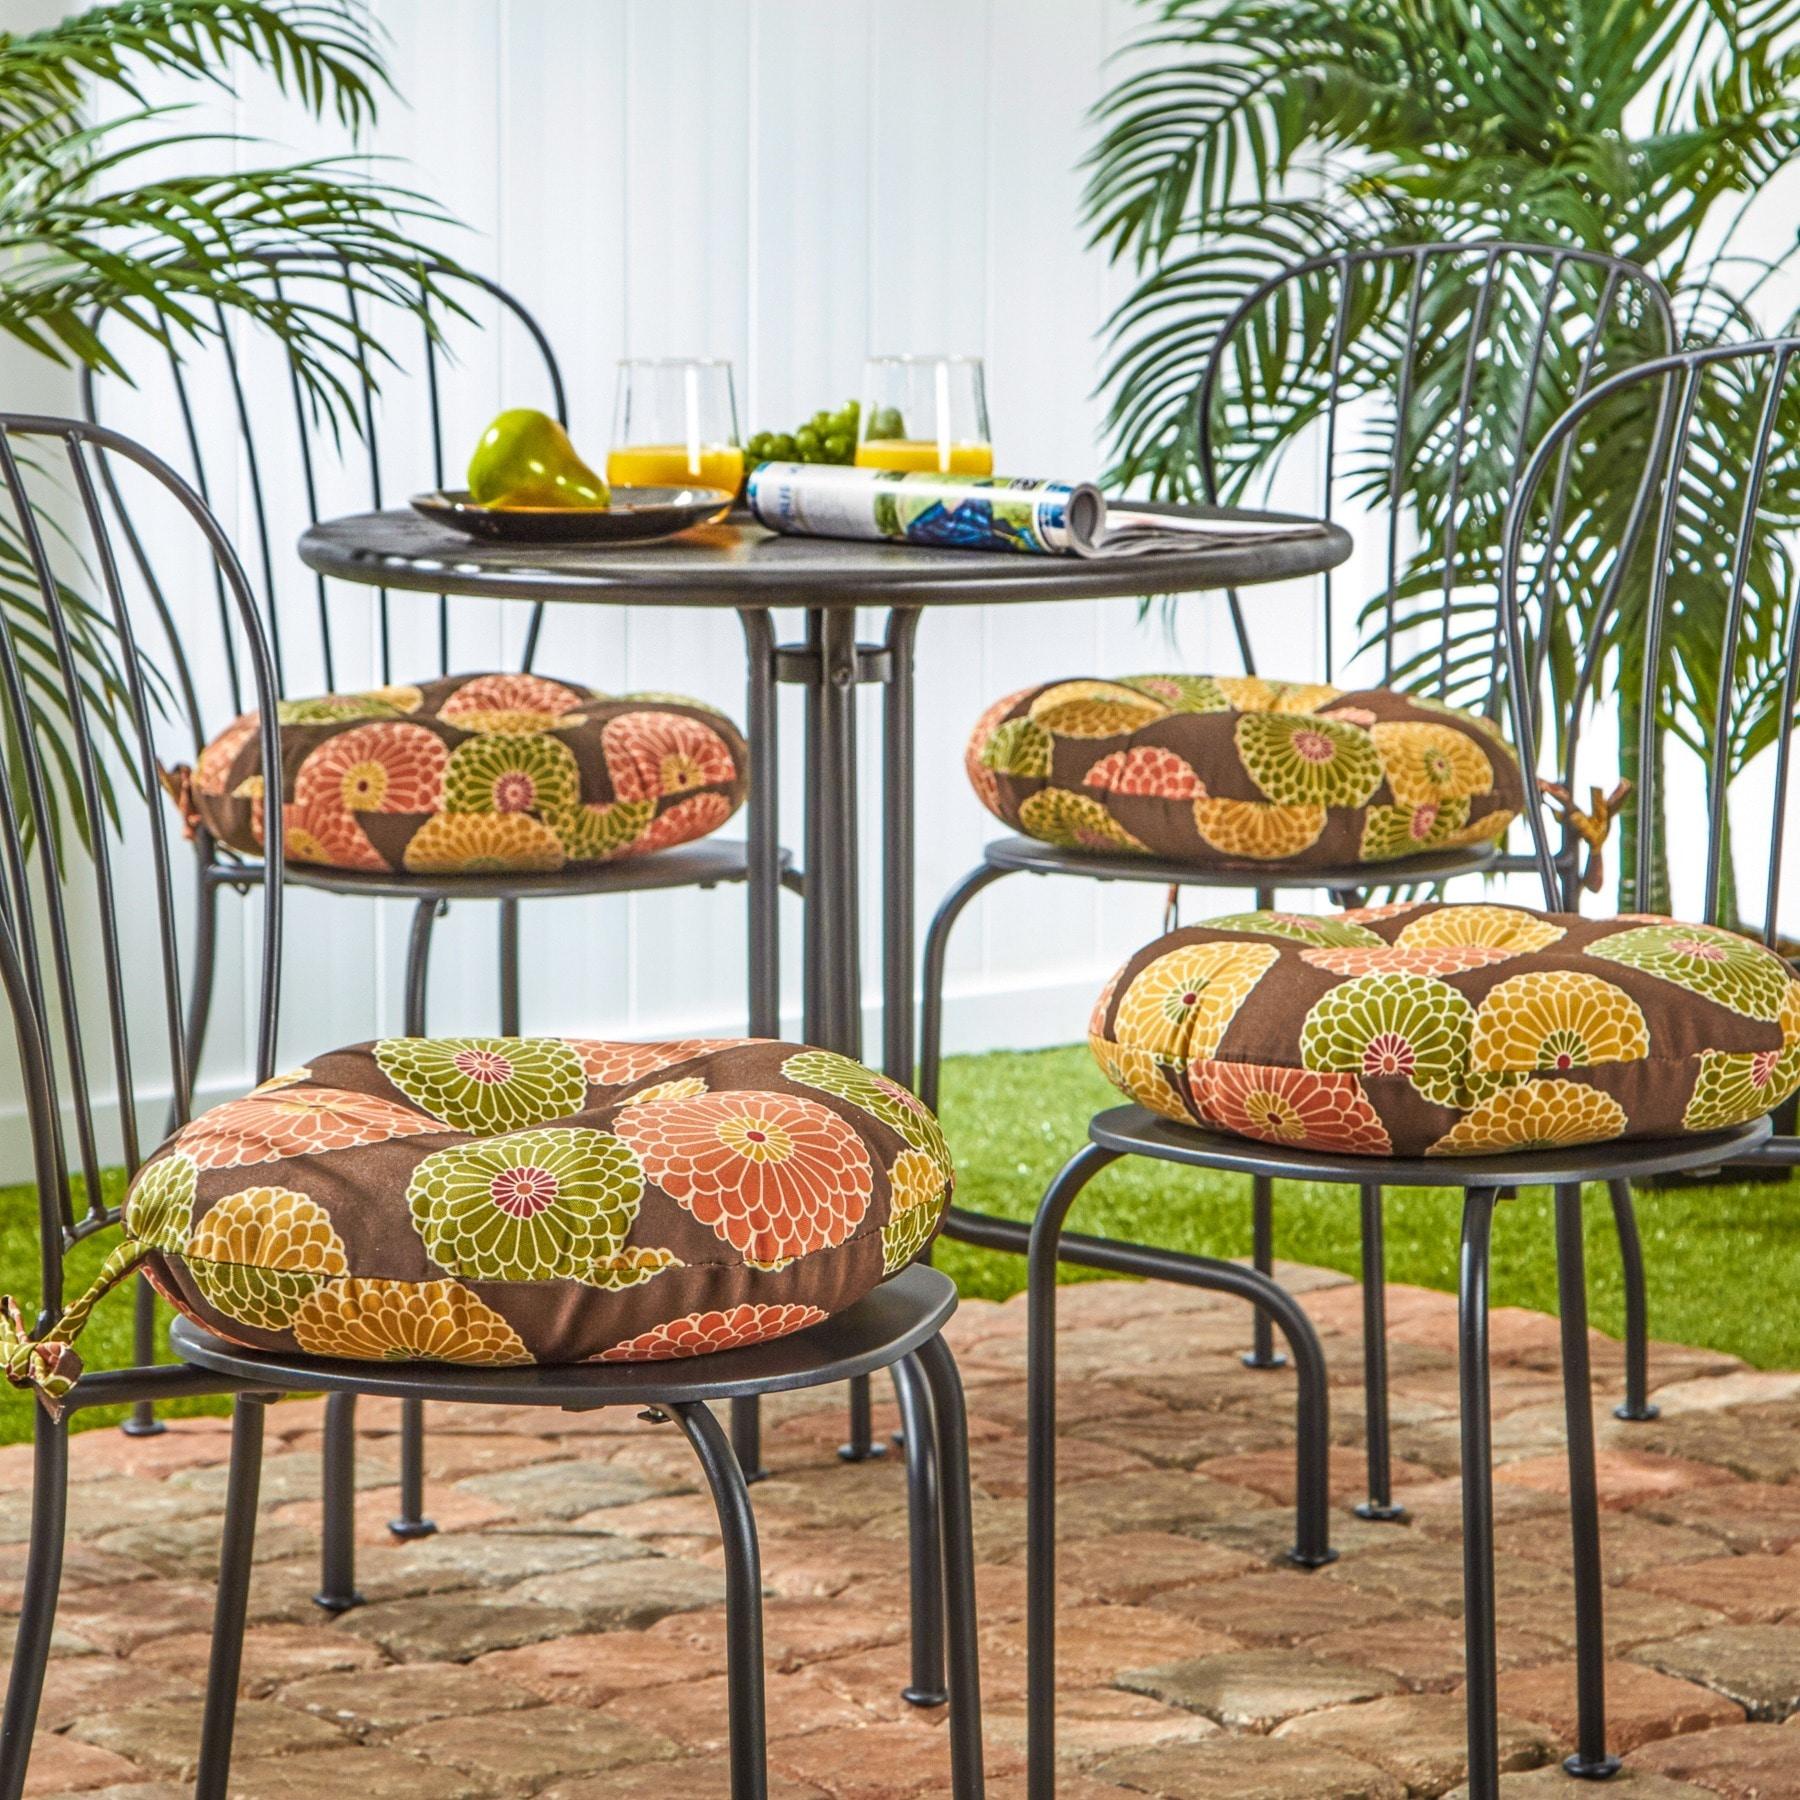 15 inch Round Outdoor Bistro Chair Cushion Set of 4